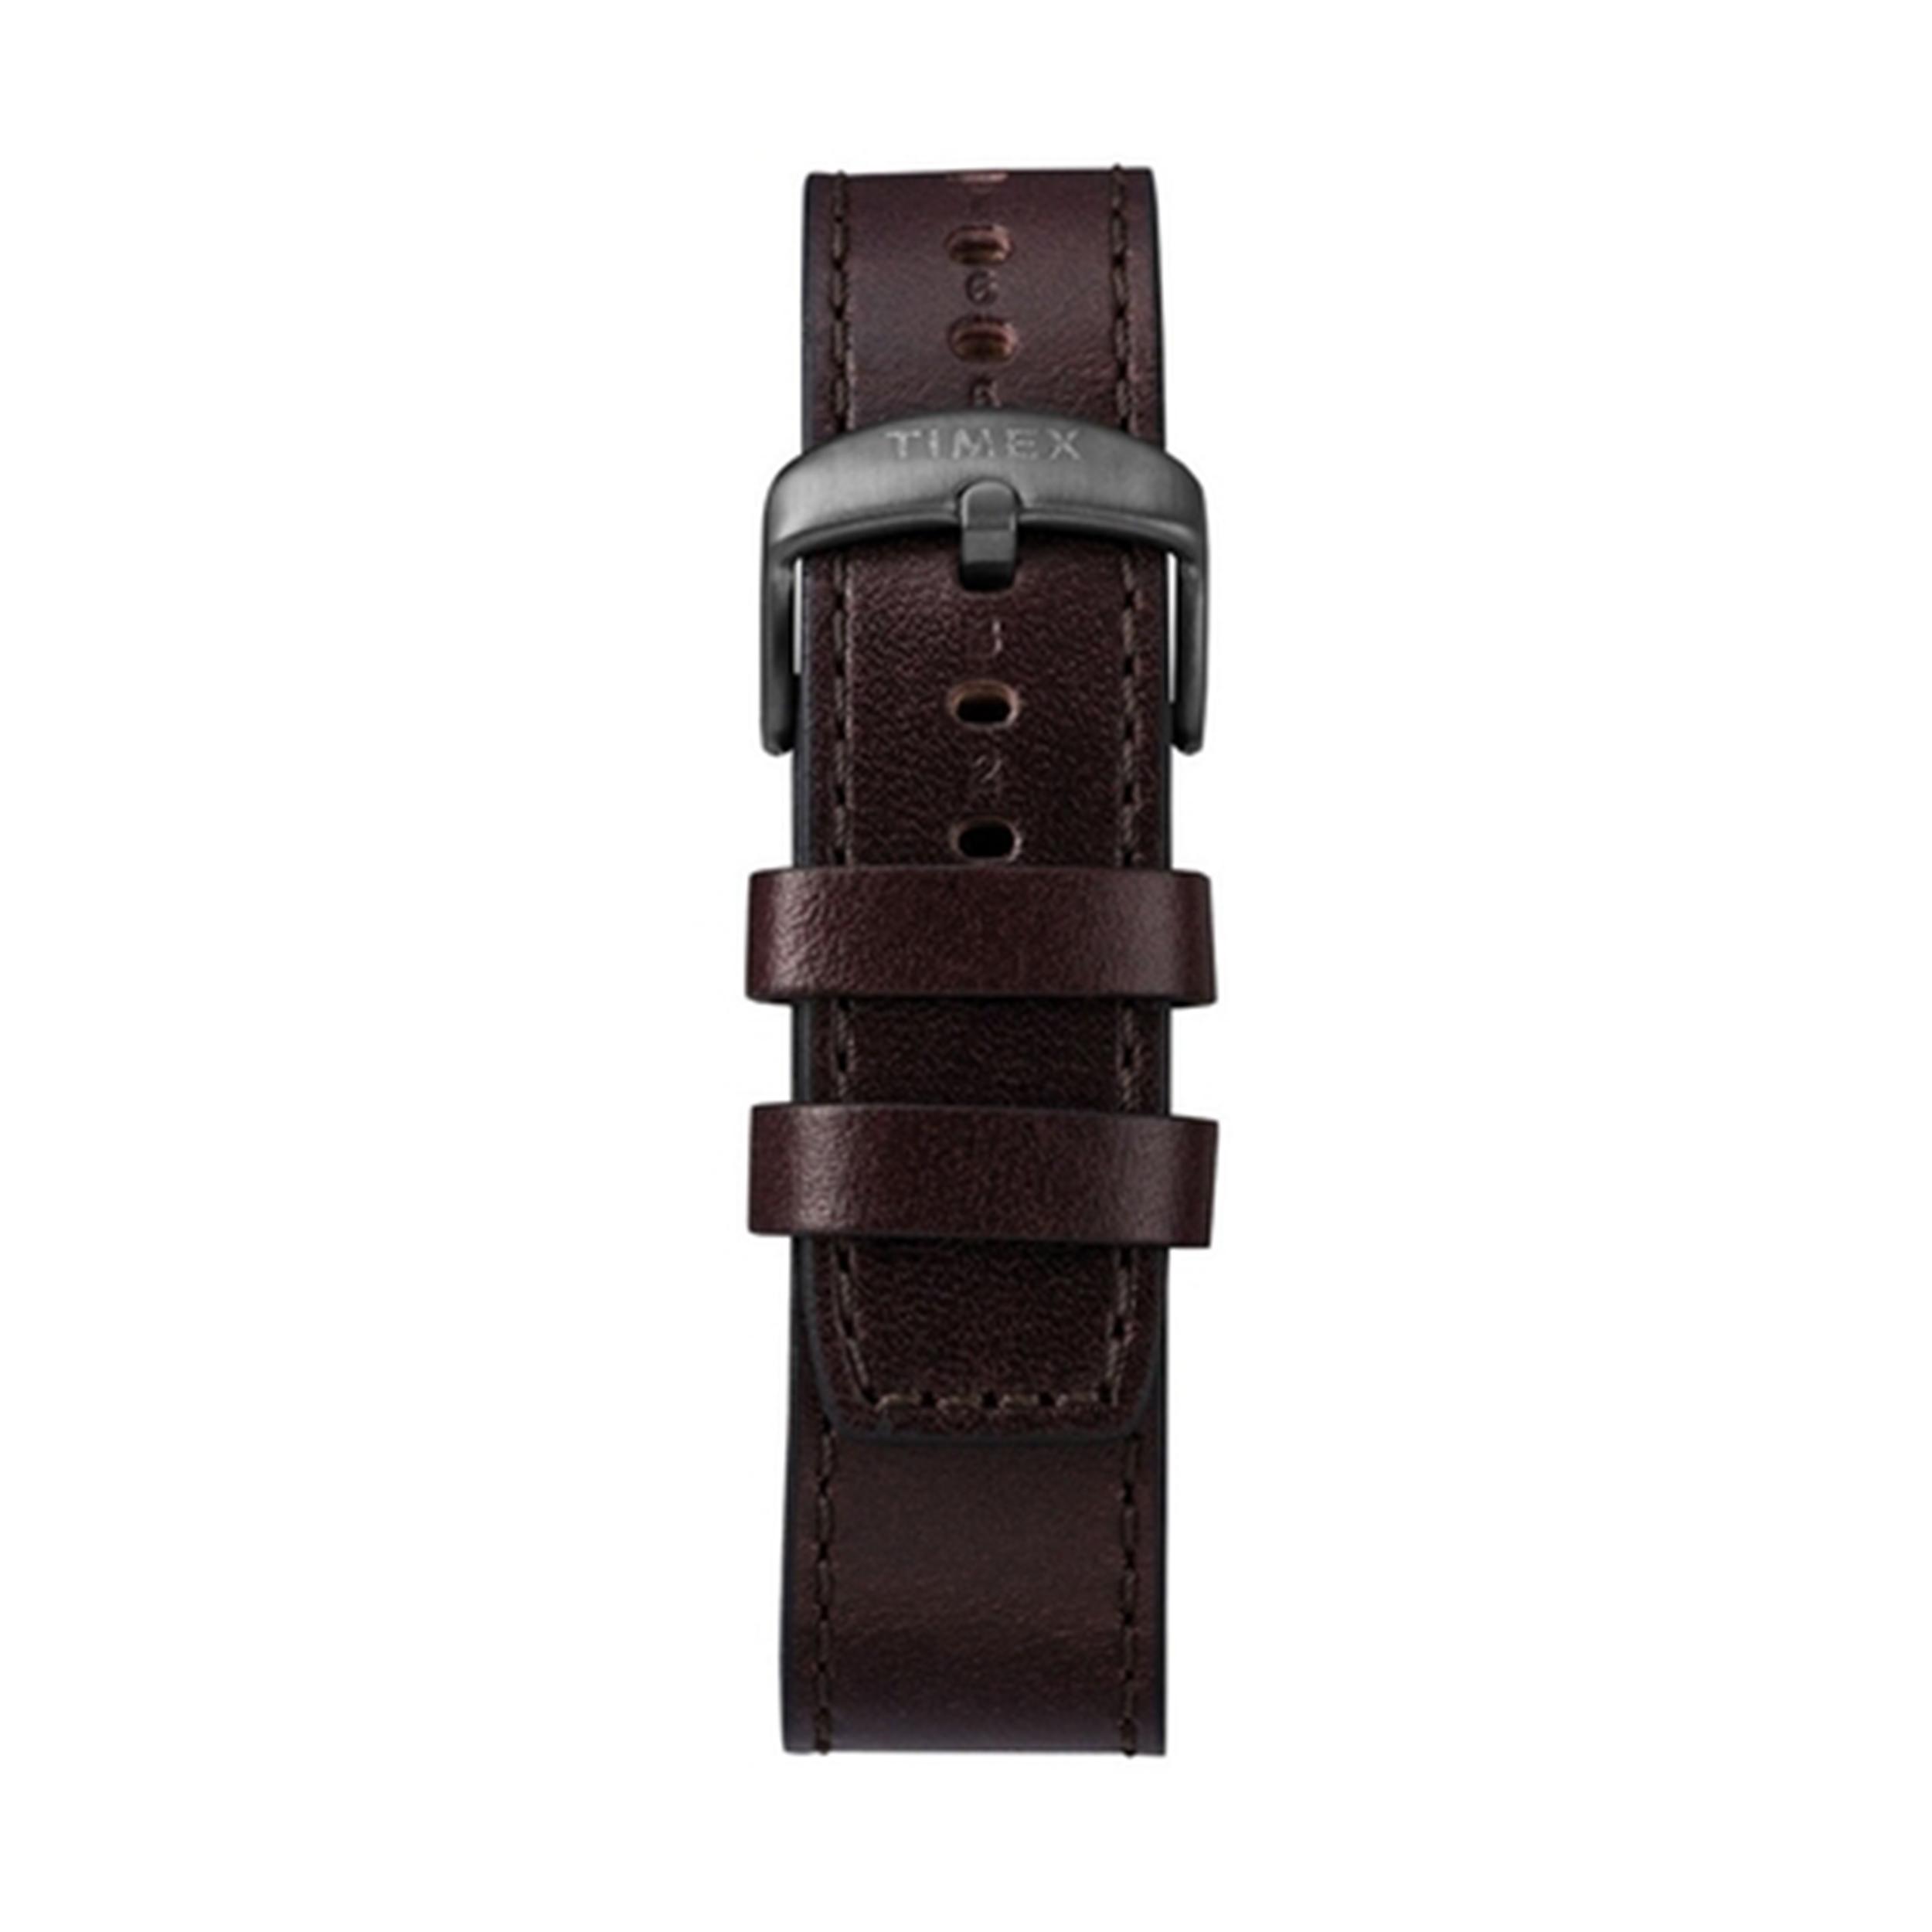 ساعت مچی عقربه ای مردانه تایمکس مدل TW2R69200